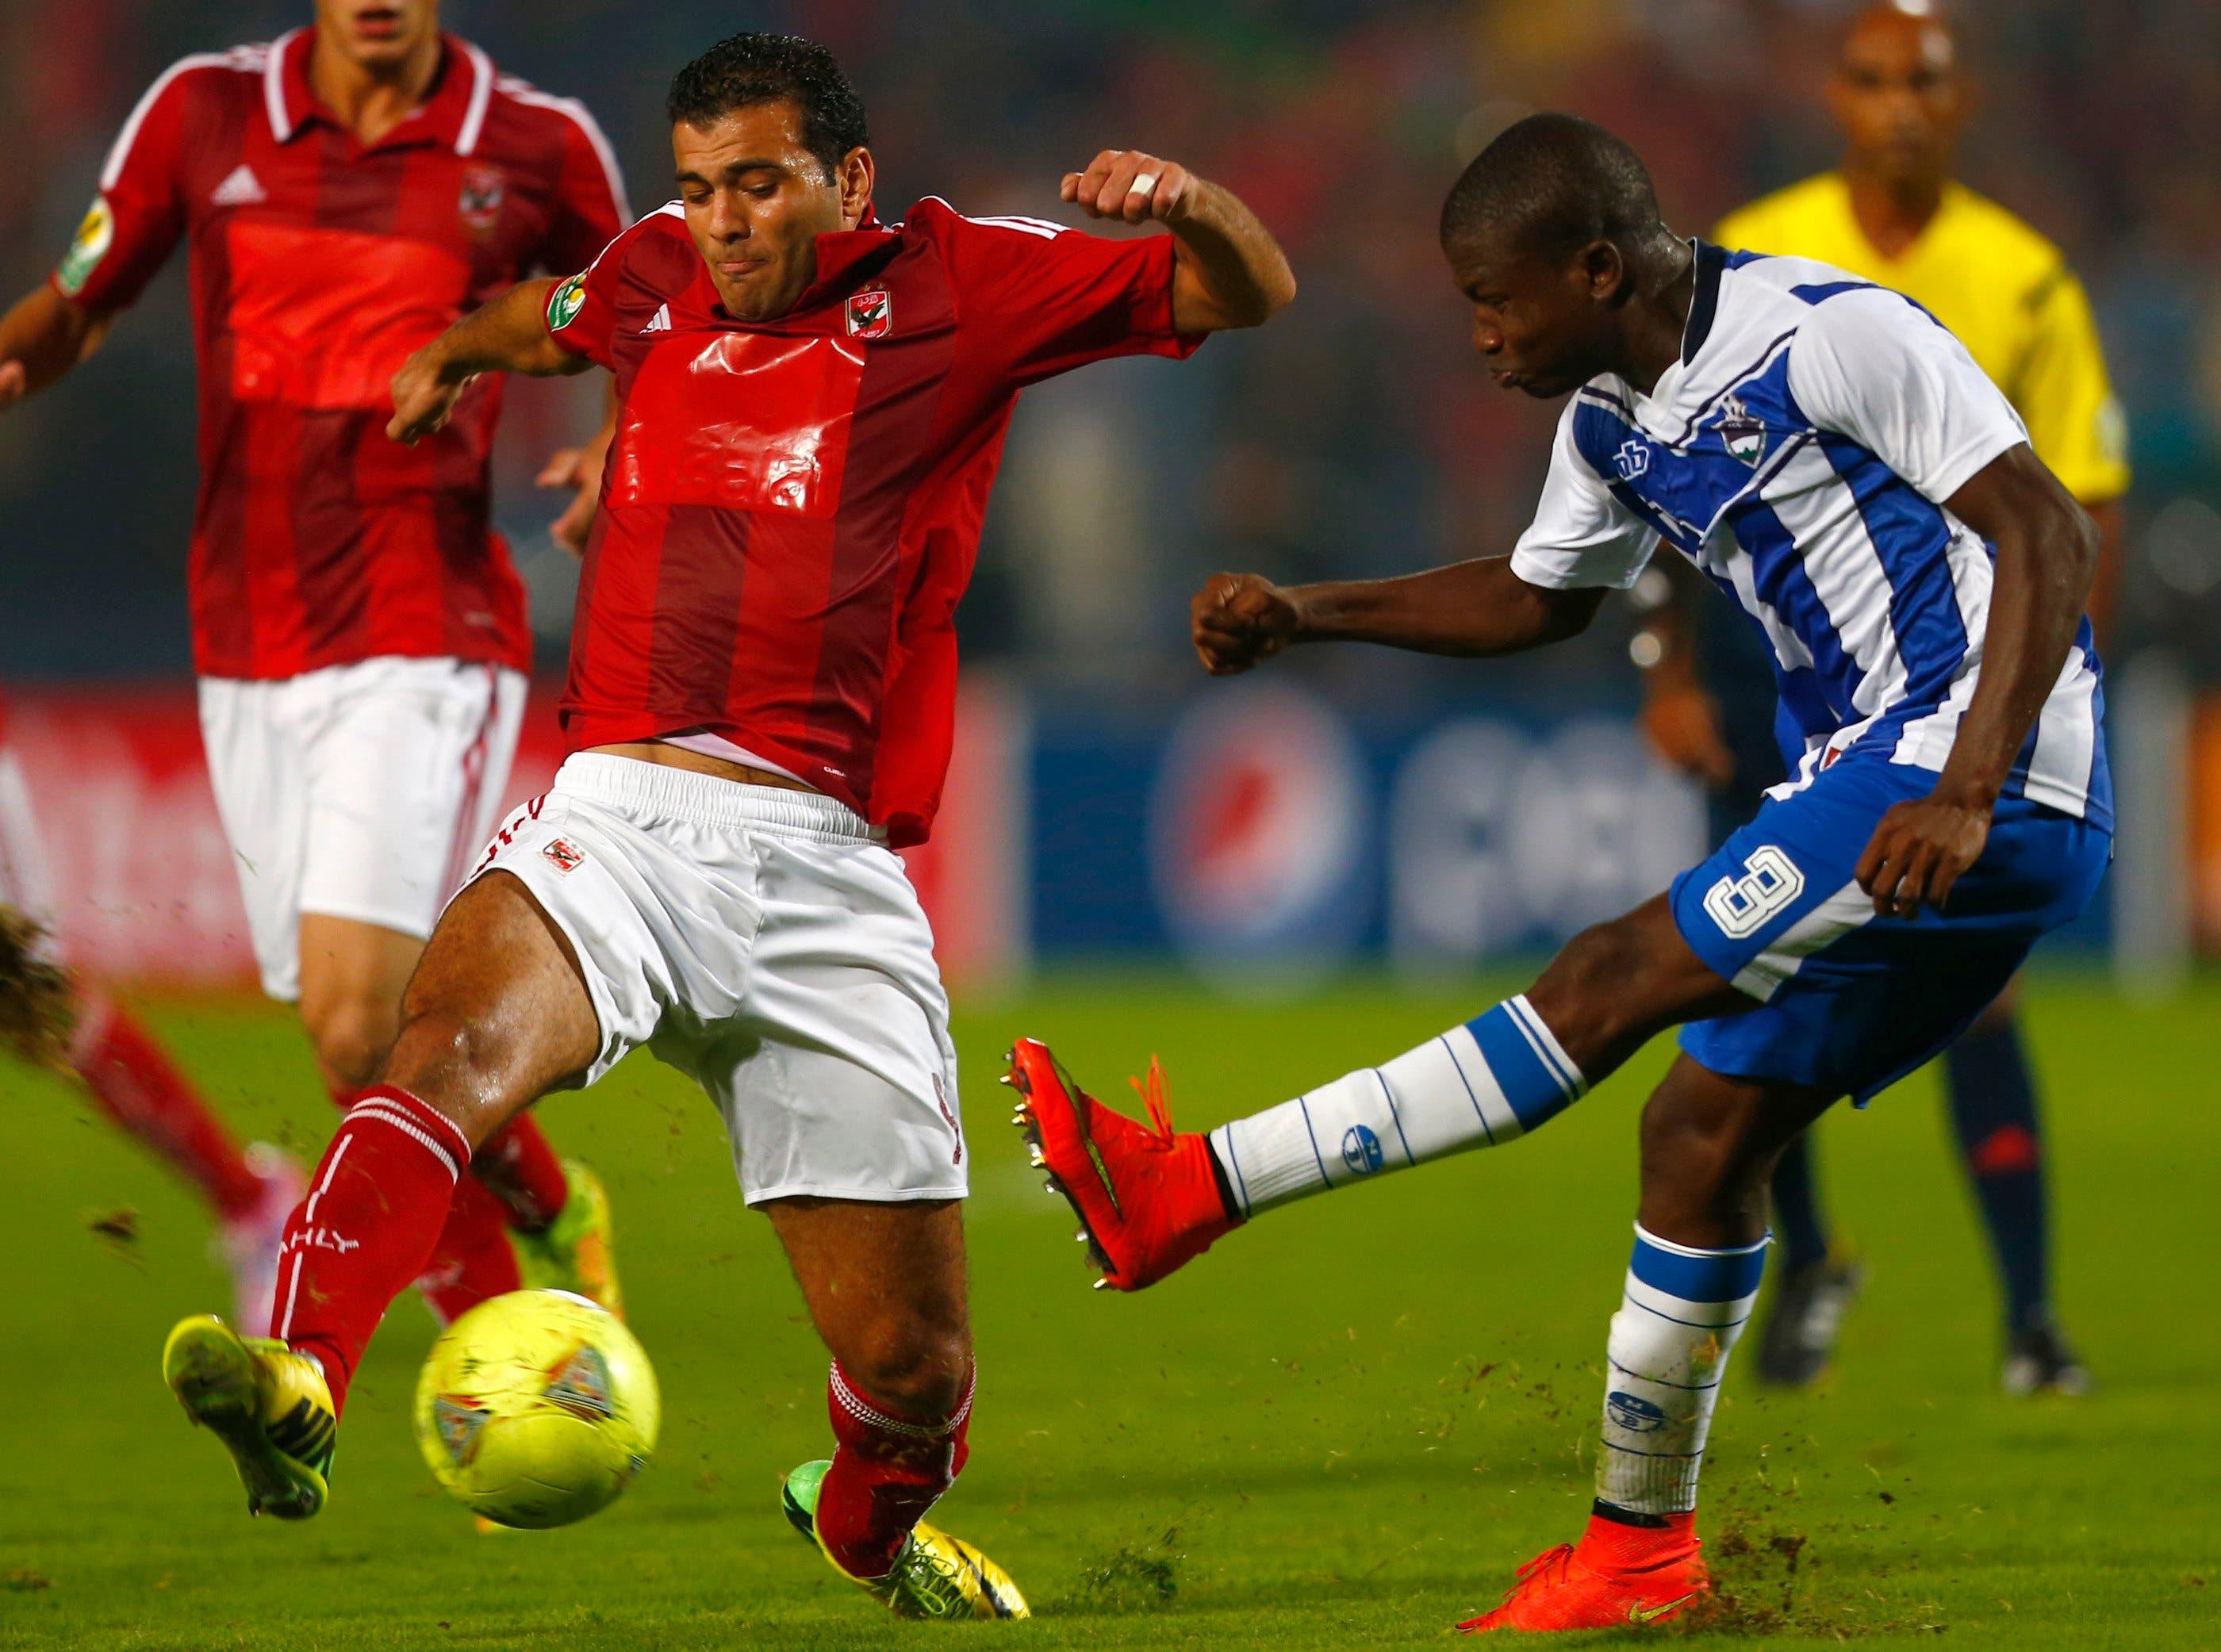 عماد متعب أحرز هدف الفوز لفريقه في آخر دقيقة من عمر المباراة